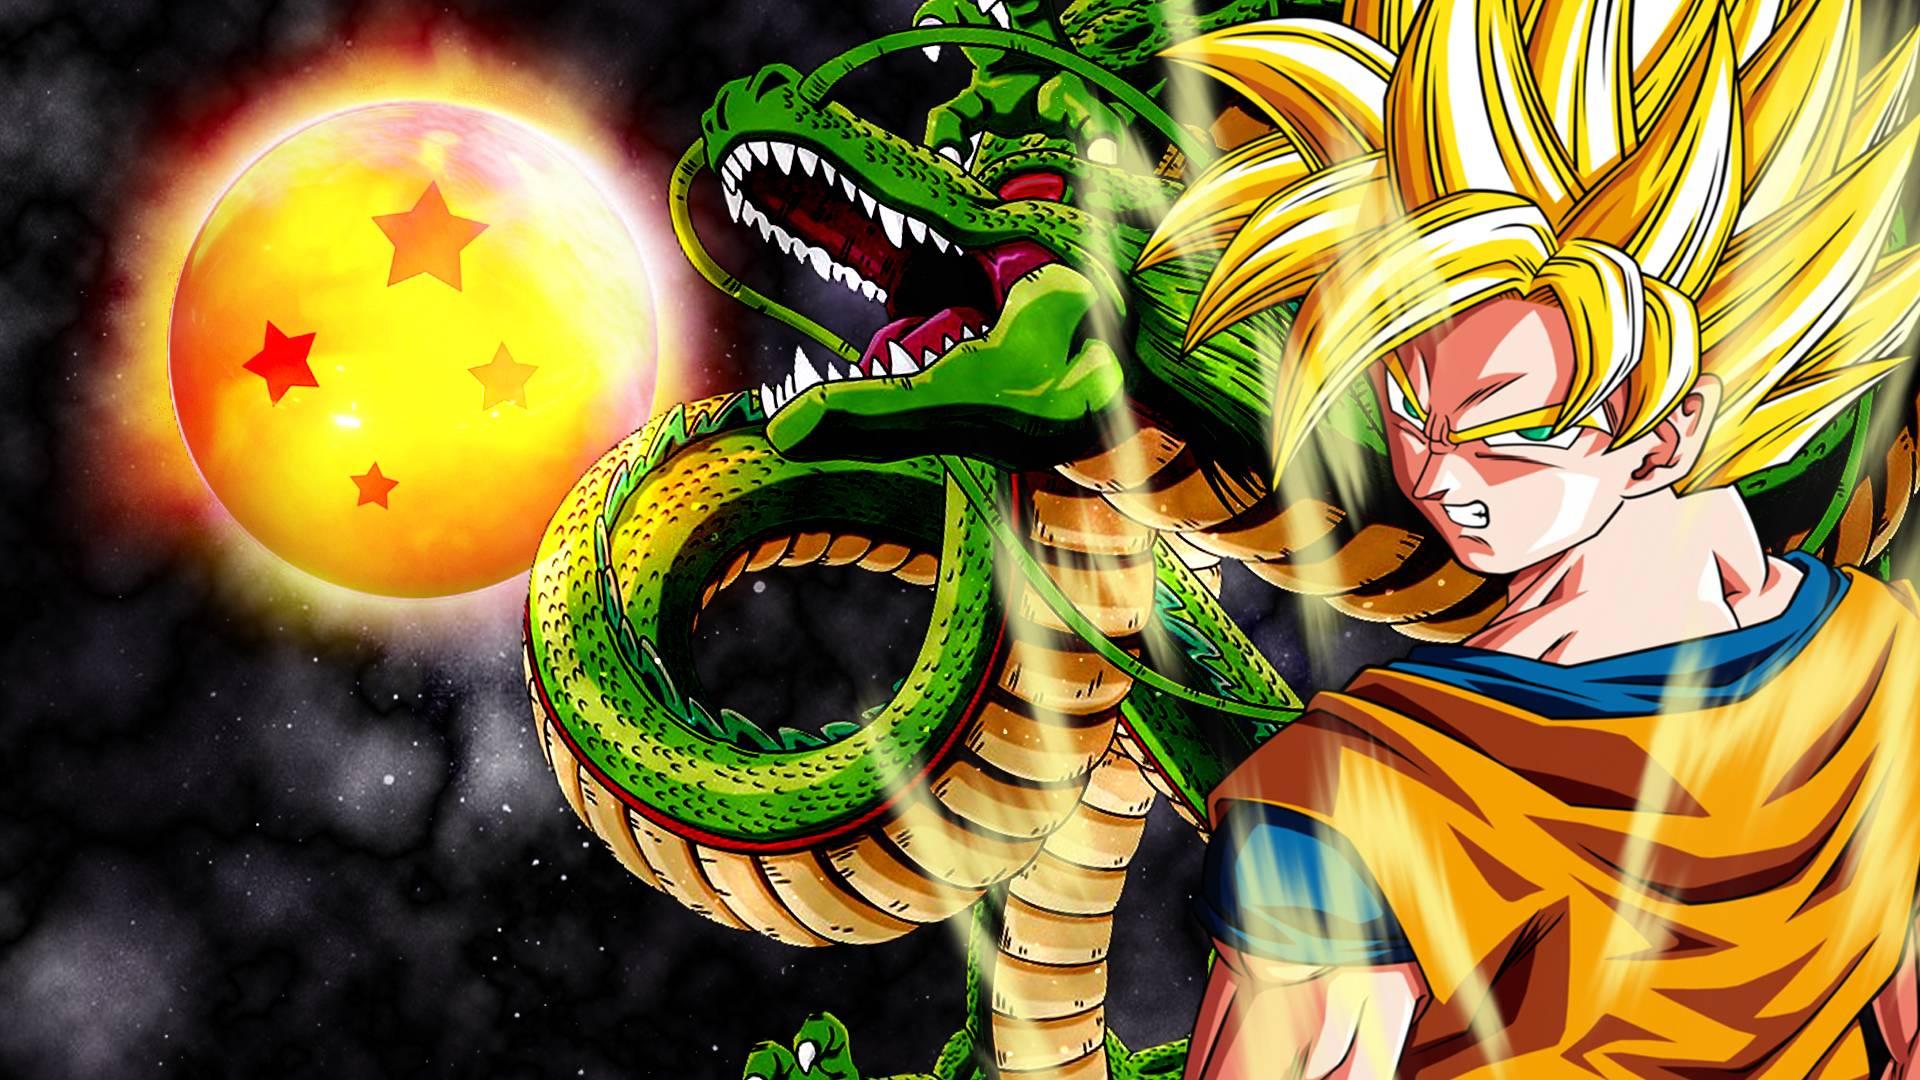 Dragon Ball Goku Wallpapers 1920x1080